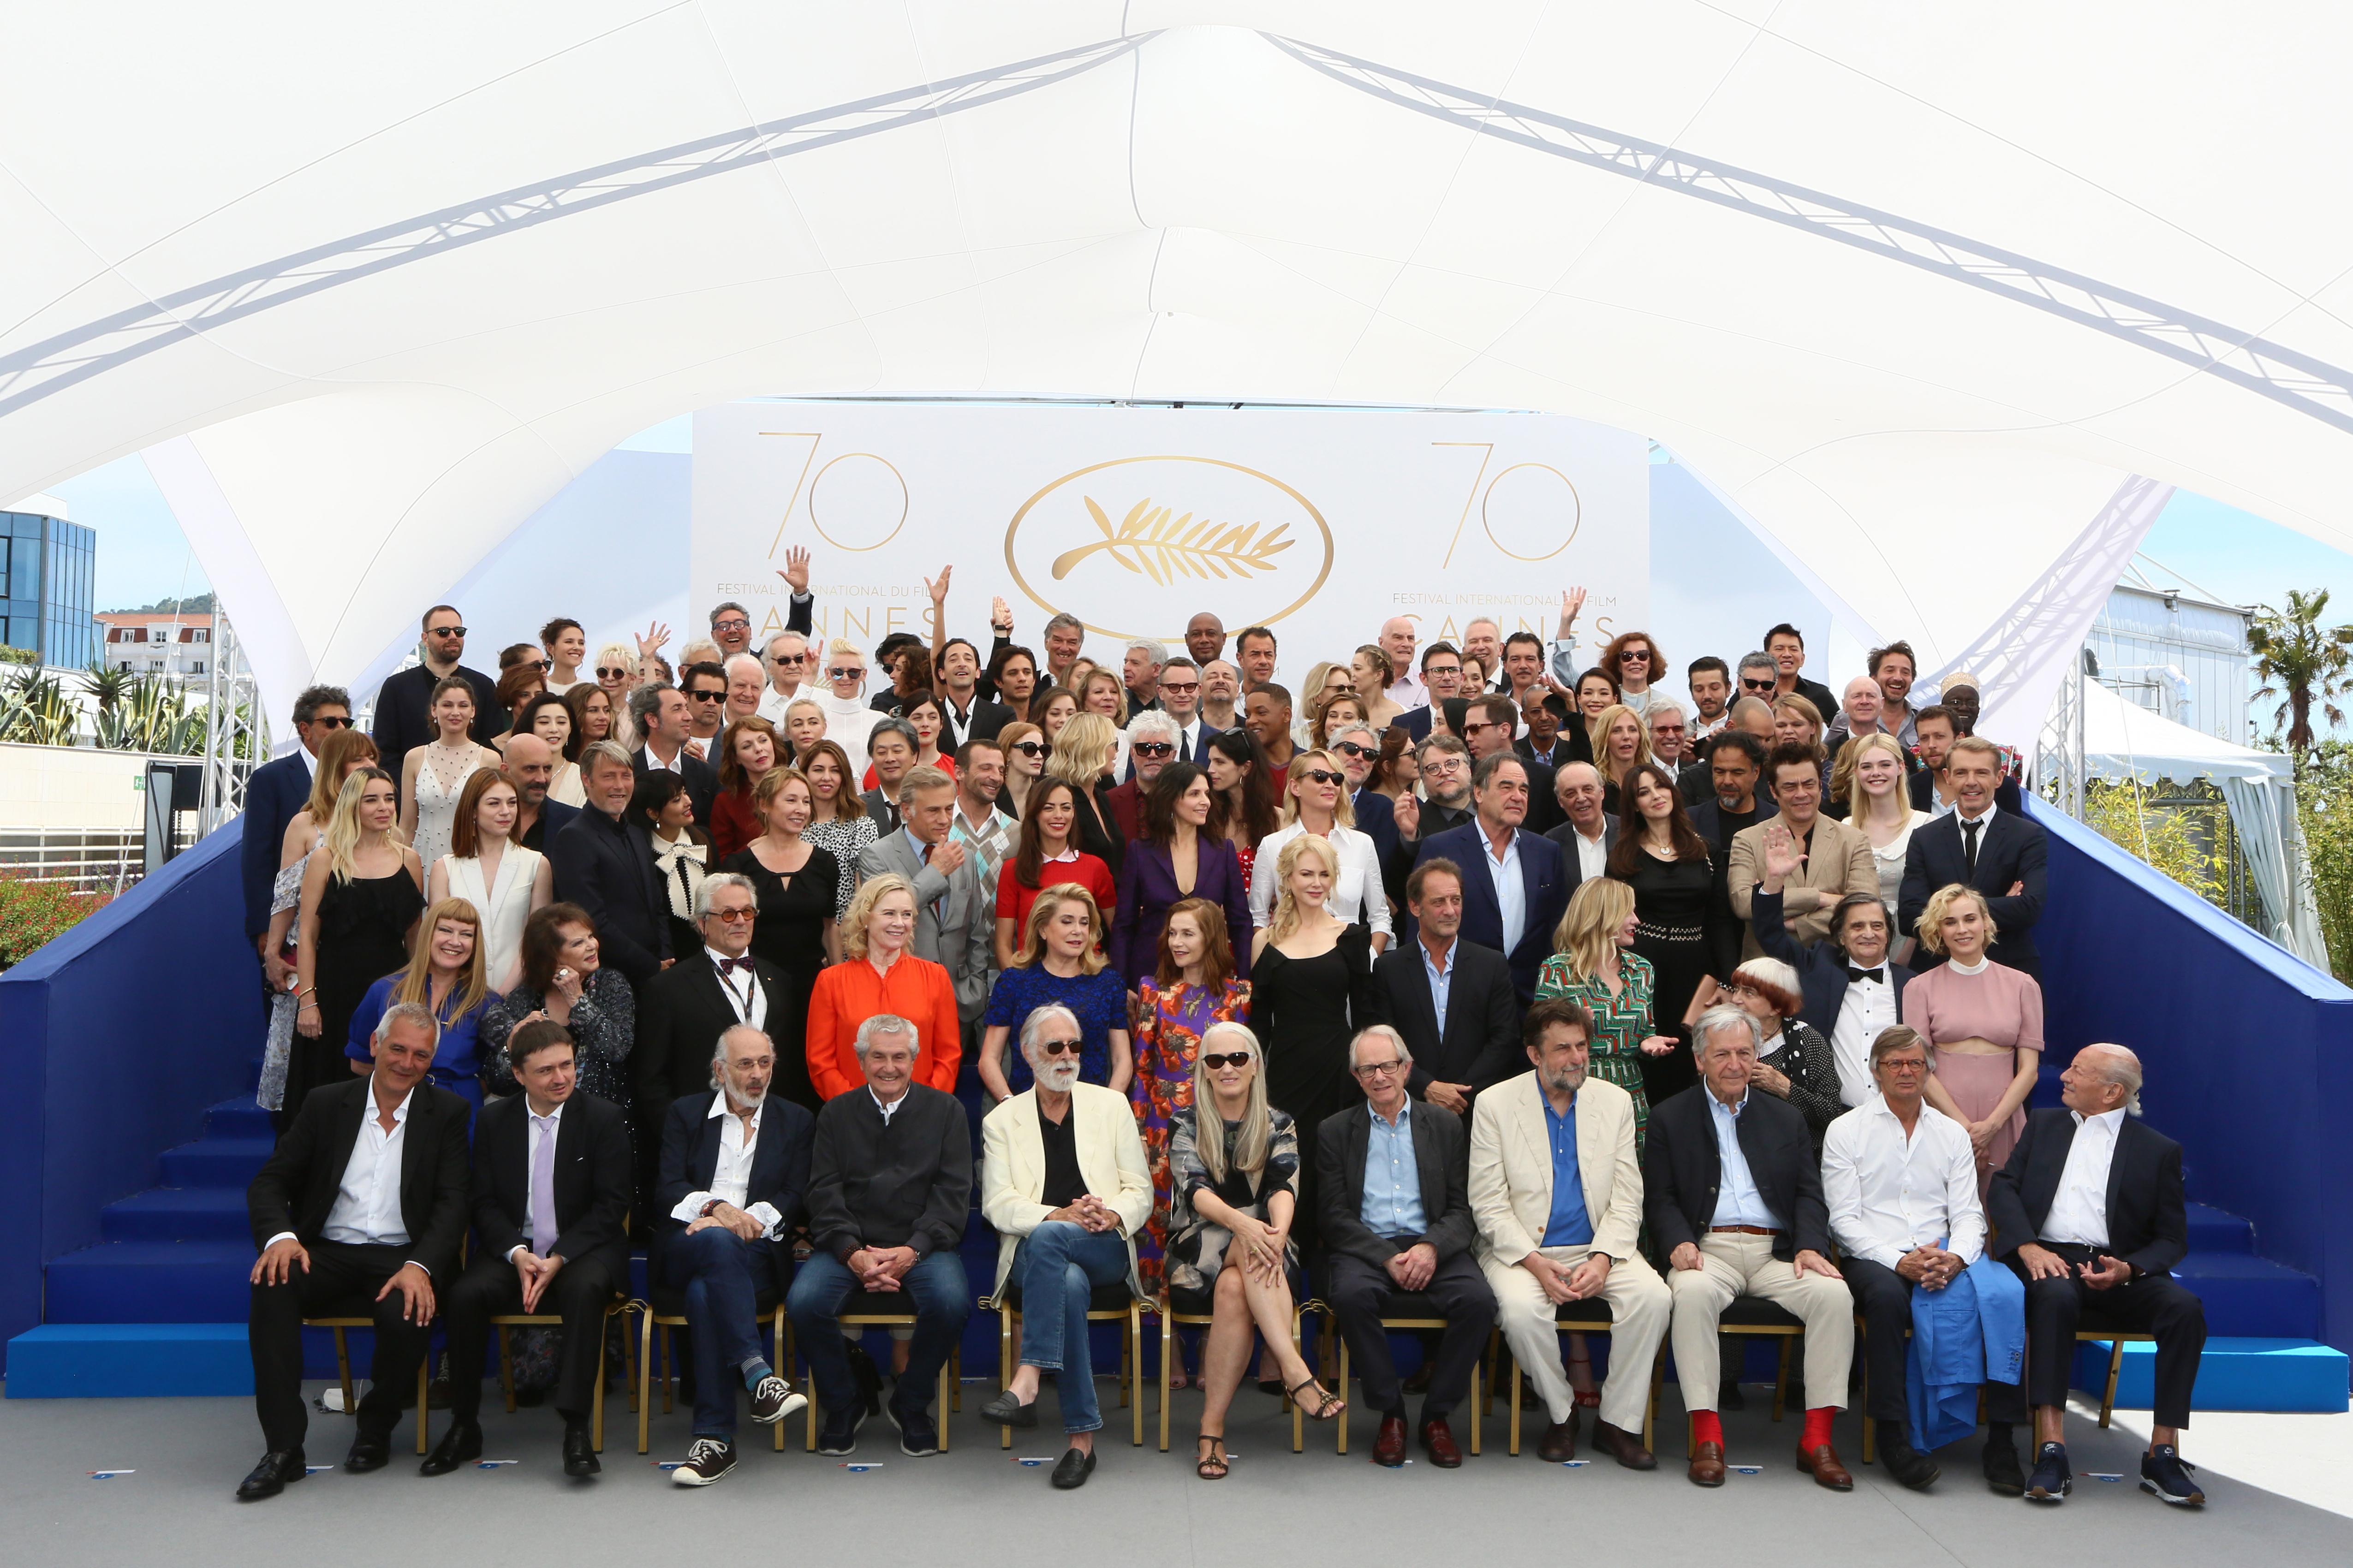 CANNES 2017 : Une montée des marches historique pour le 70ème anniversaire